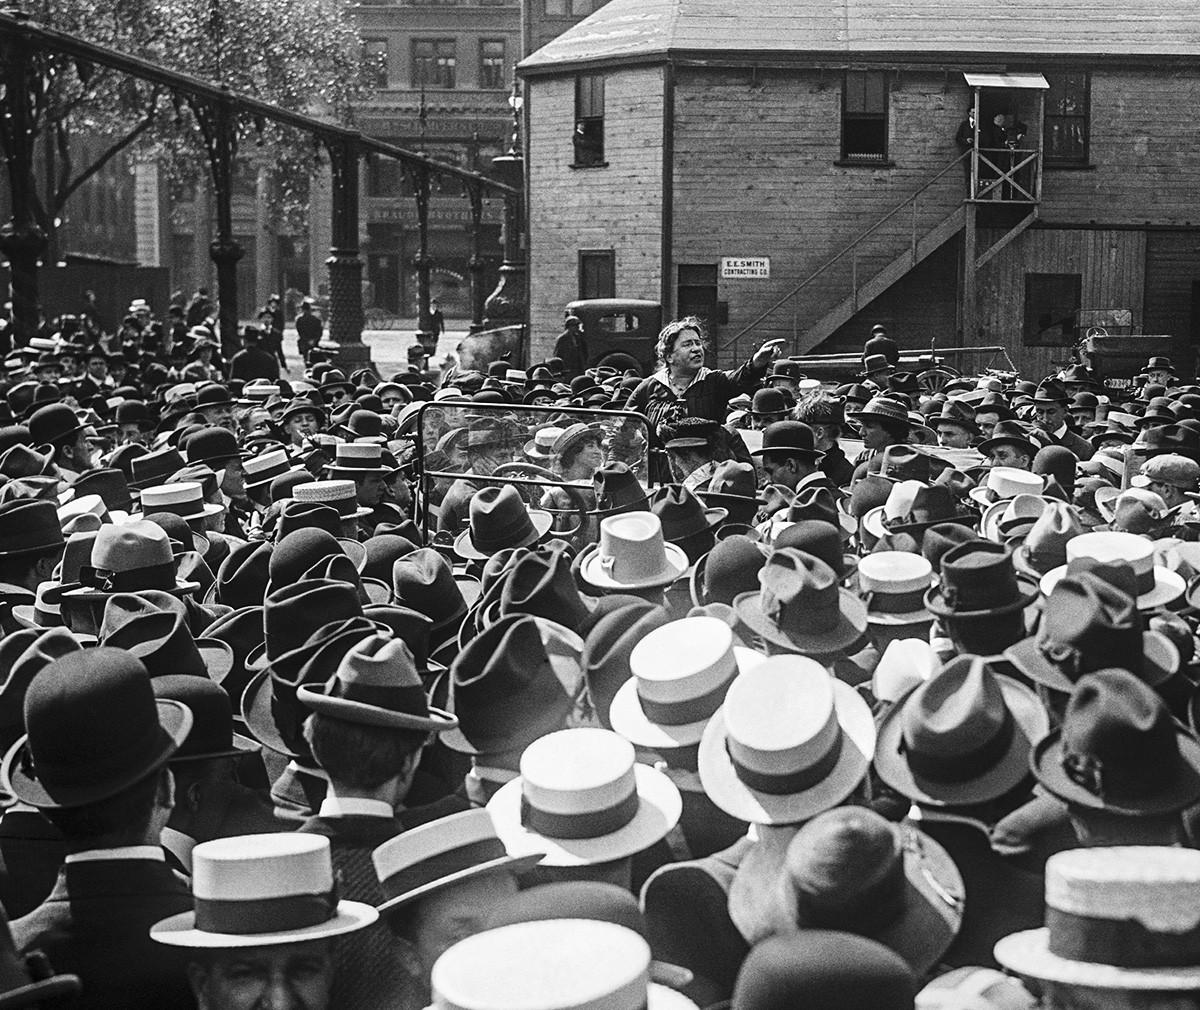 Ема Голдман стоји у аутомобилу и говори о контроли рађања, Јунион сквер парк, Њујорк 21. мај 1916.